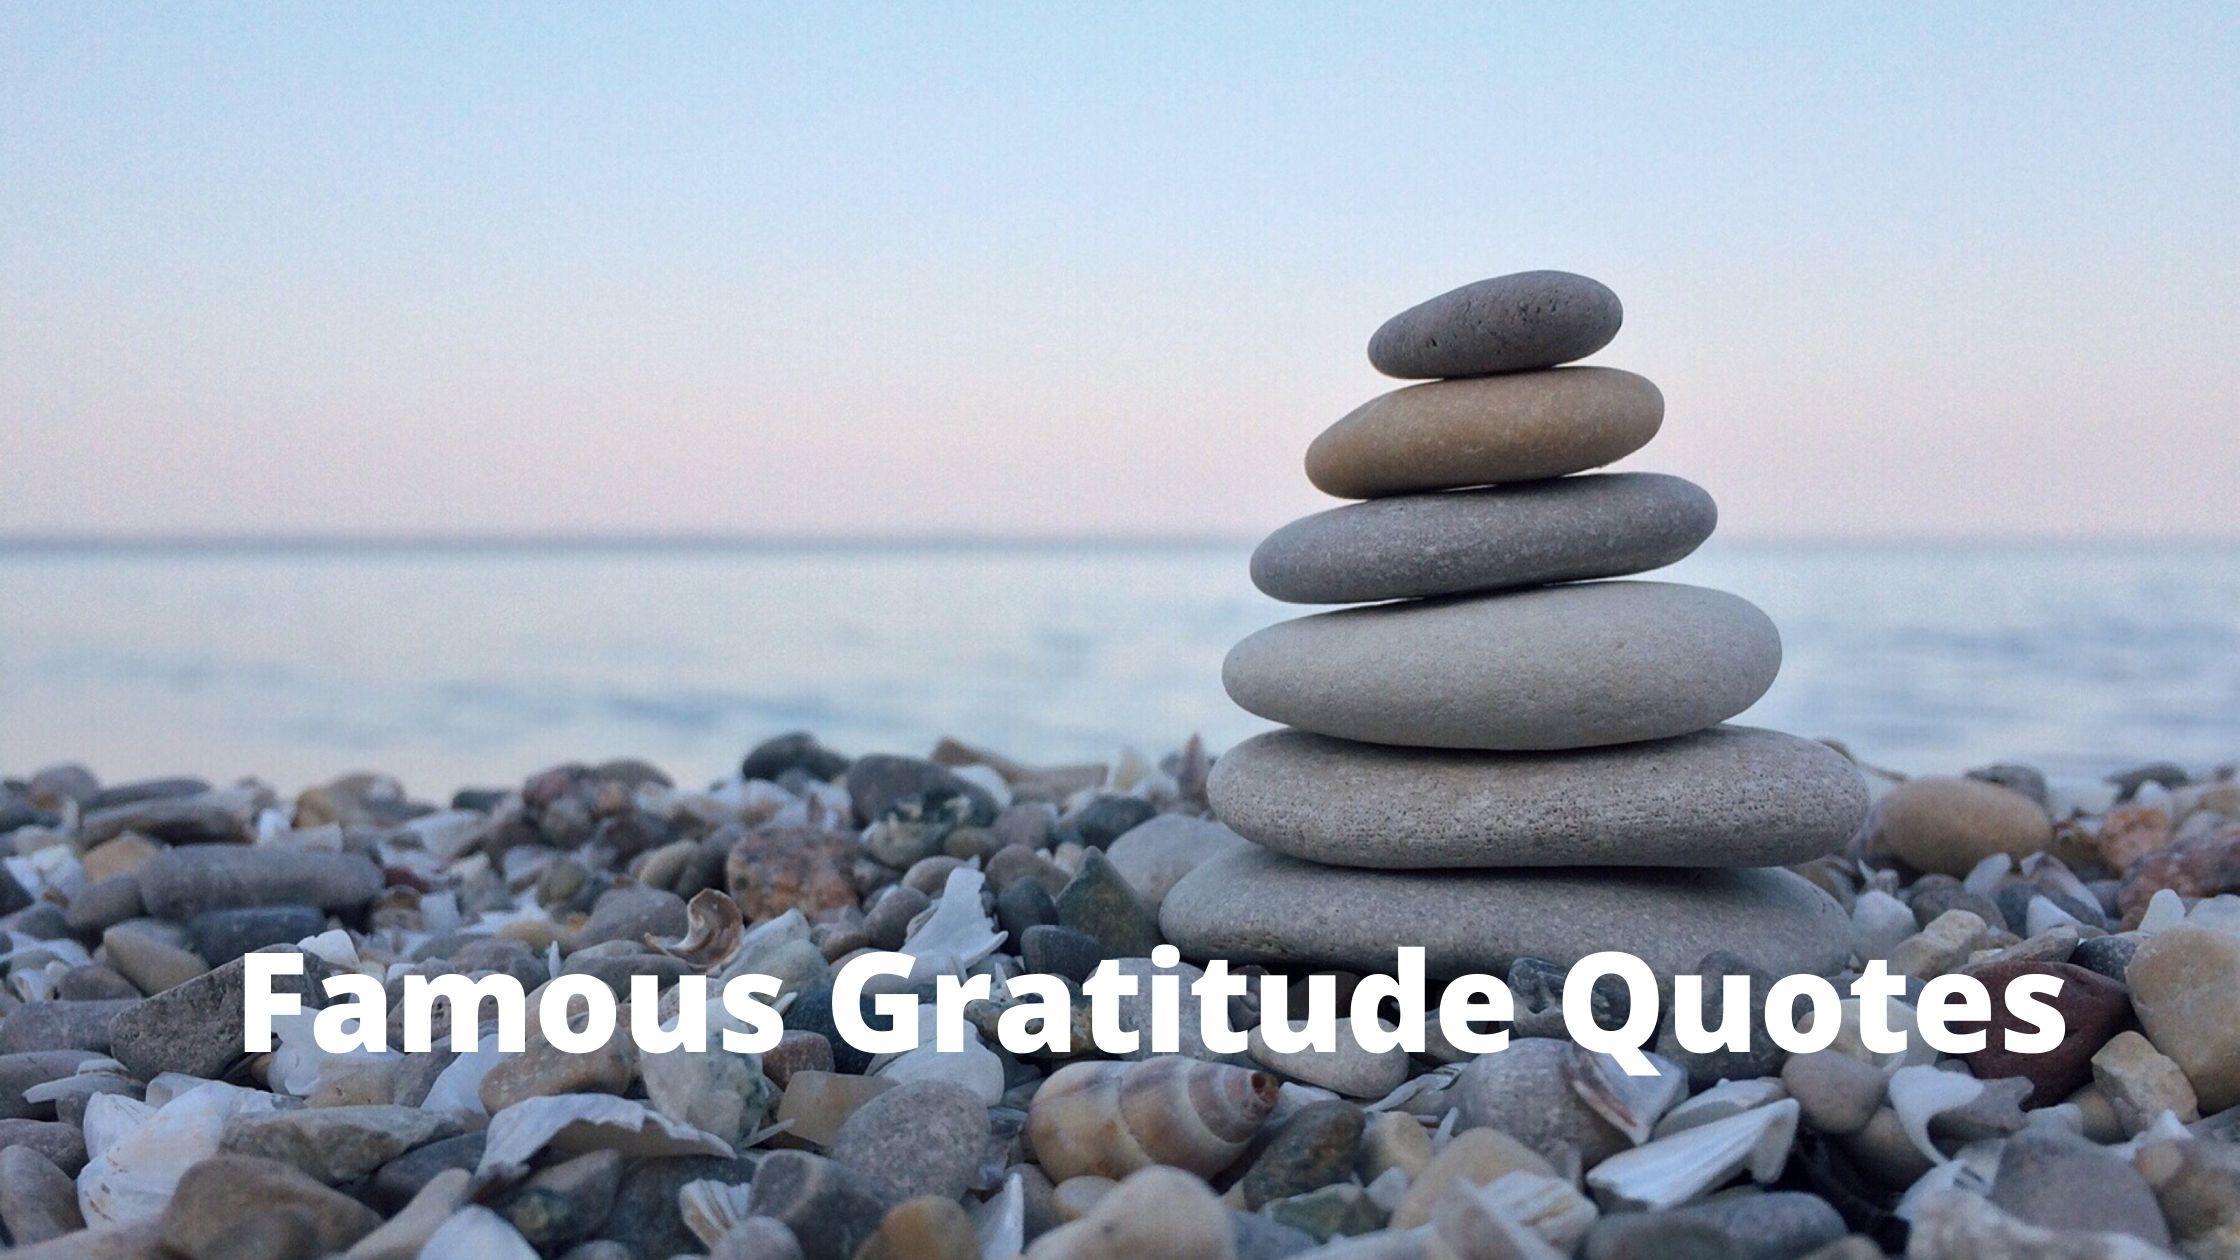 famous gratitude quotes